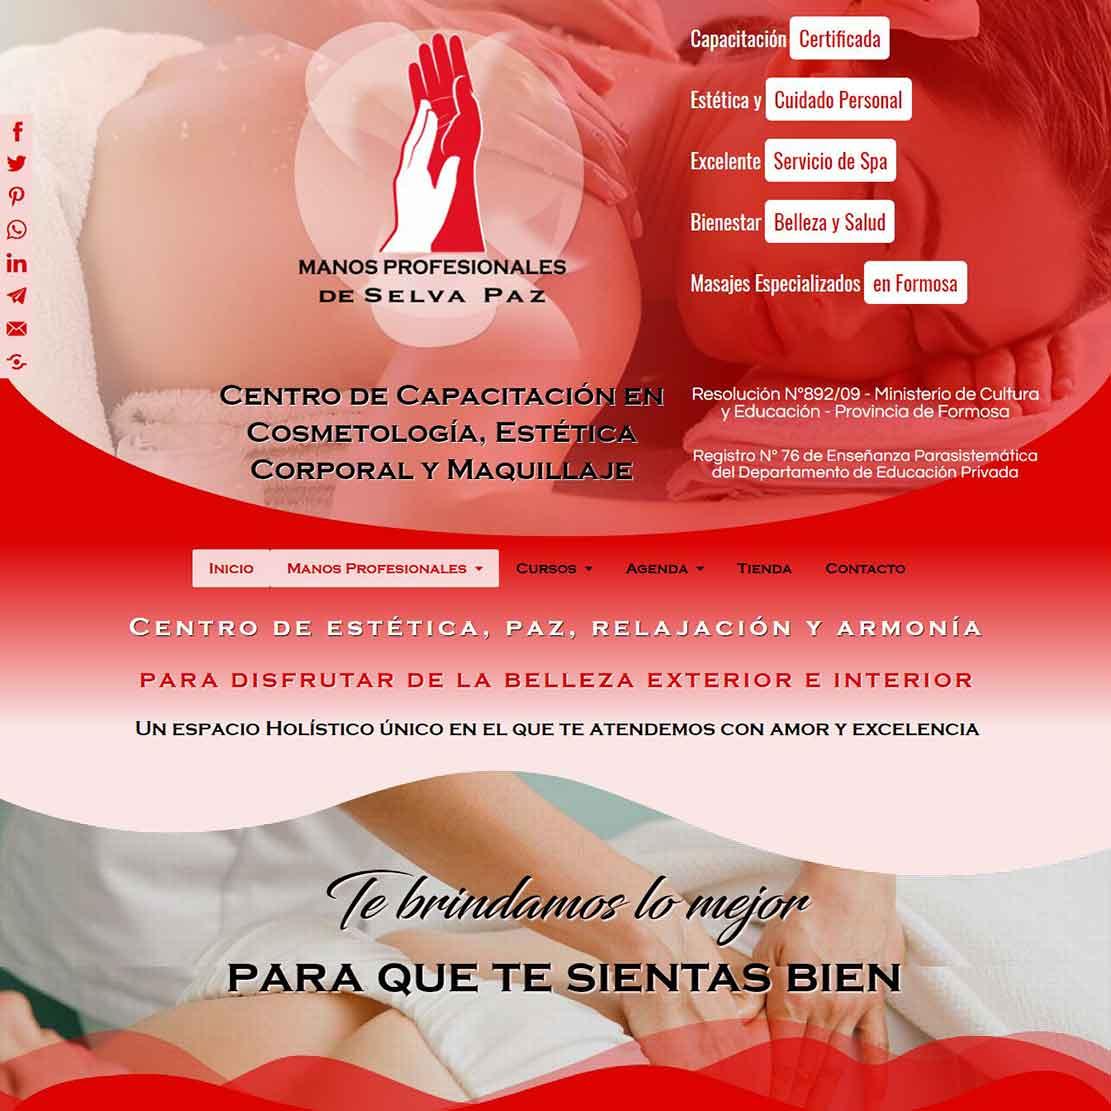 Manos Profesionales Centro de Capacitación en Cosmetología, Estética Corporal y Maquillaje